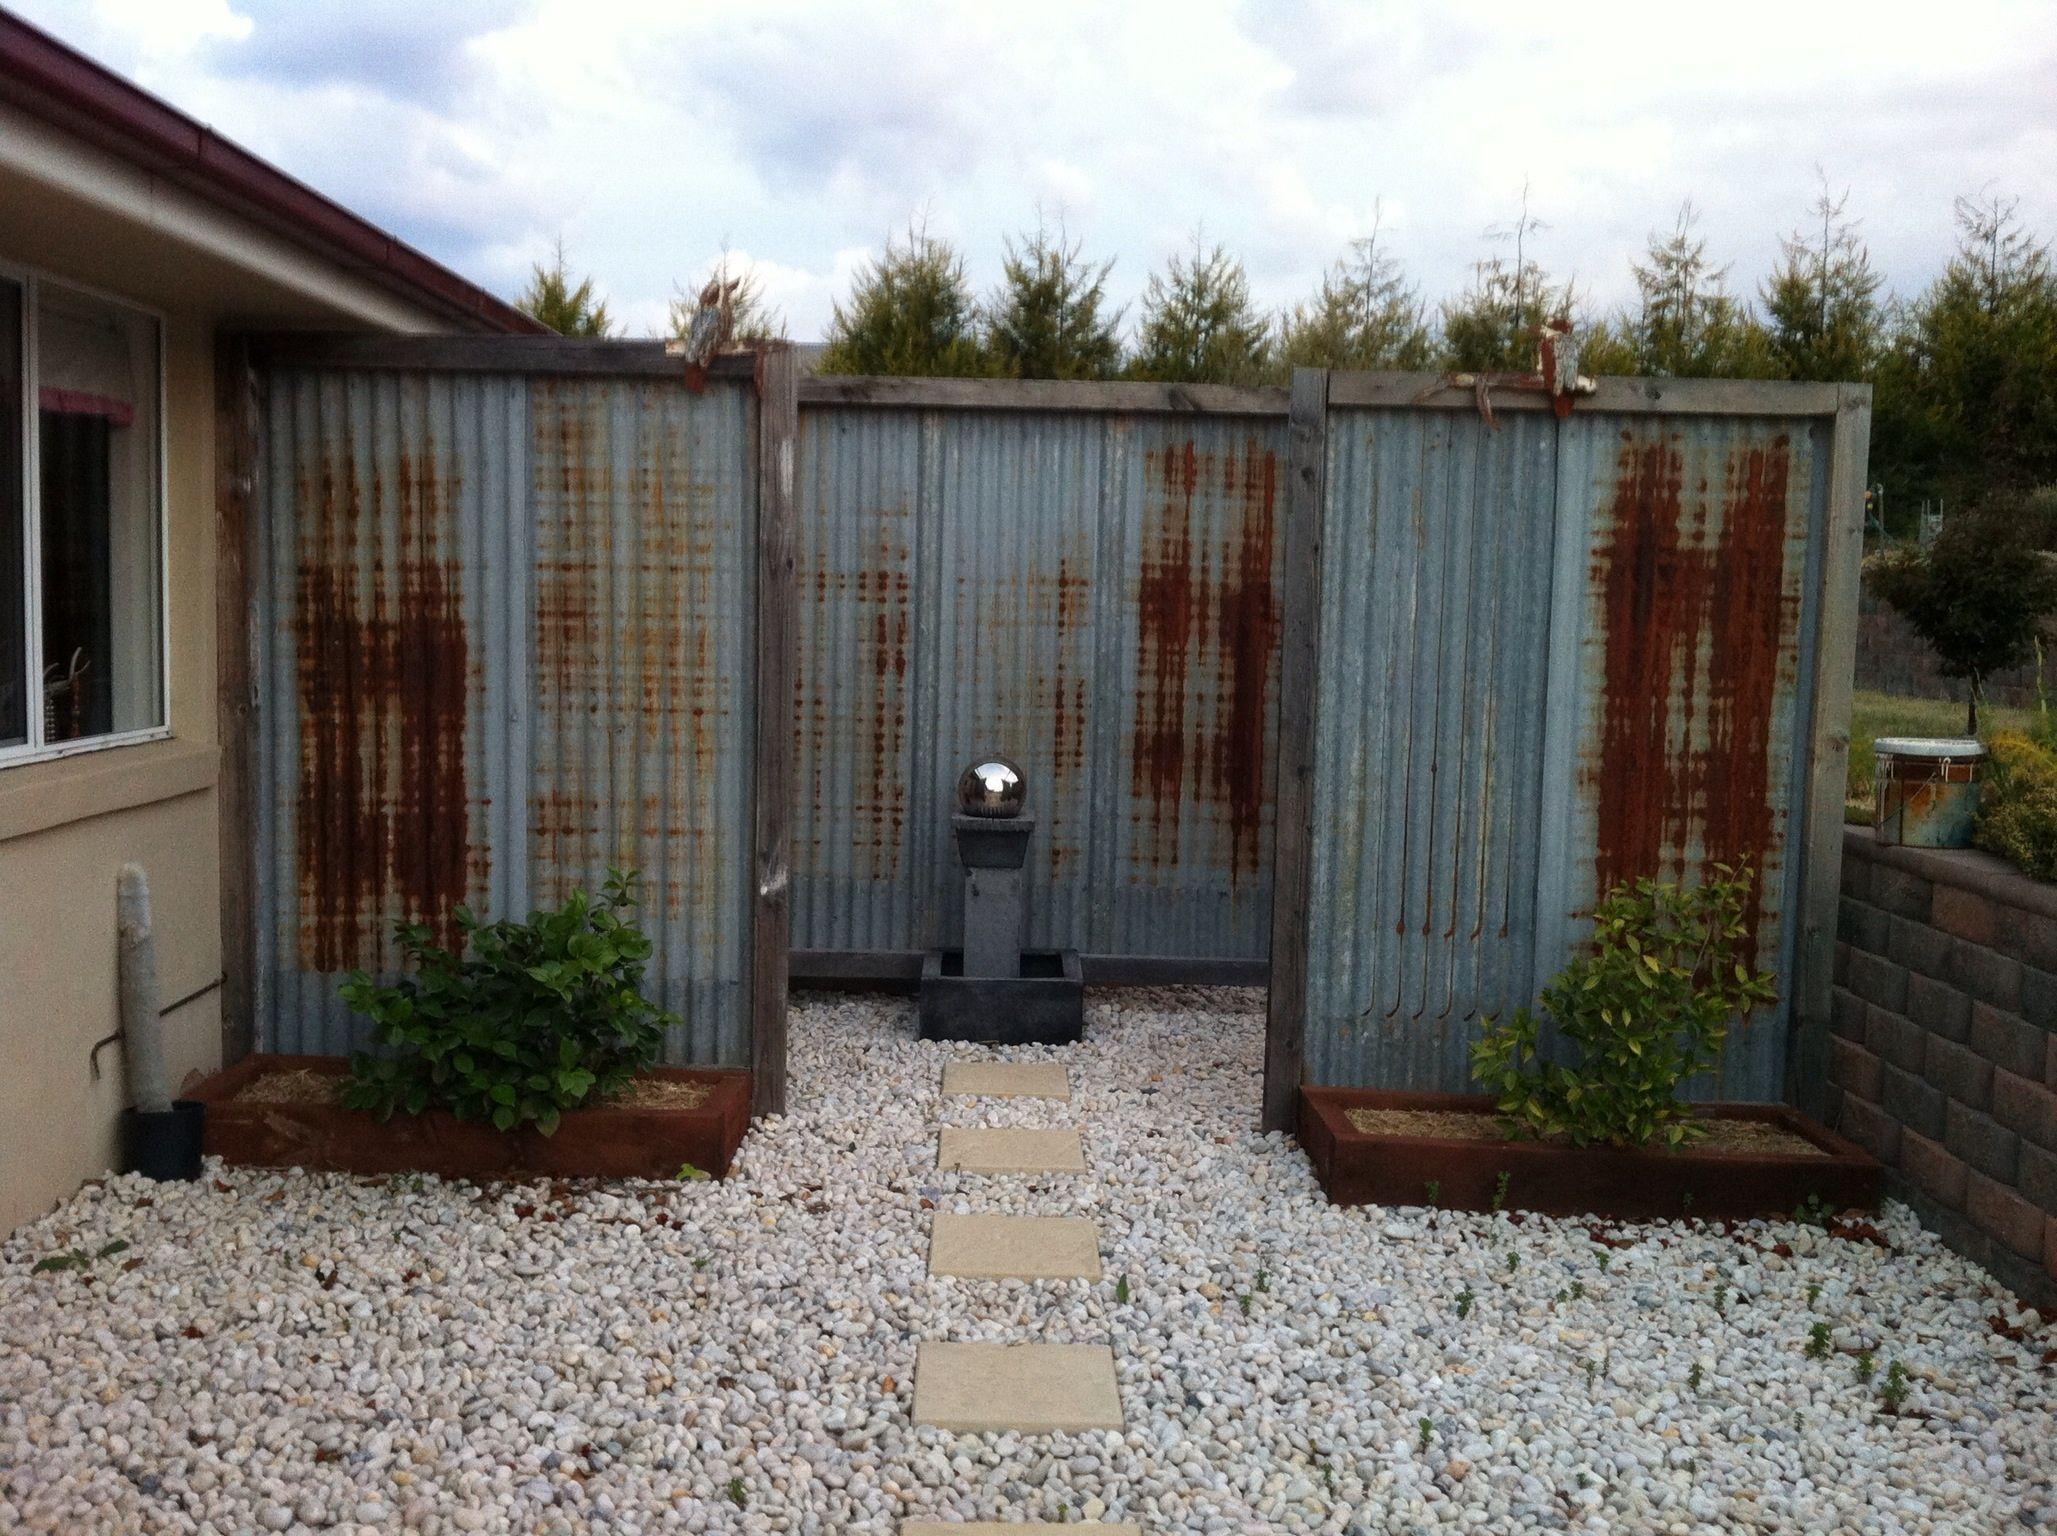 Upcycle Corrugated Iron Corrugated Metal Fence Corrugated Metal Backyard Fences